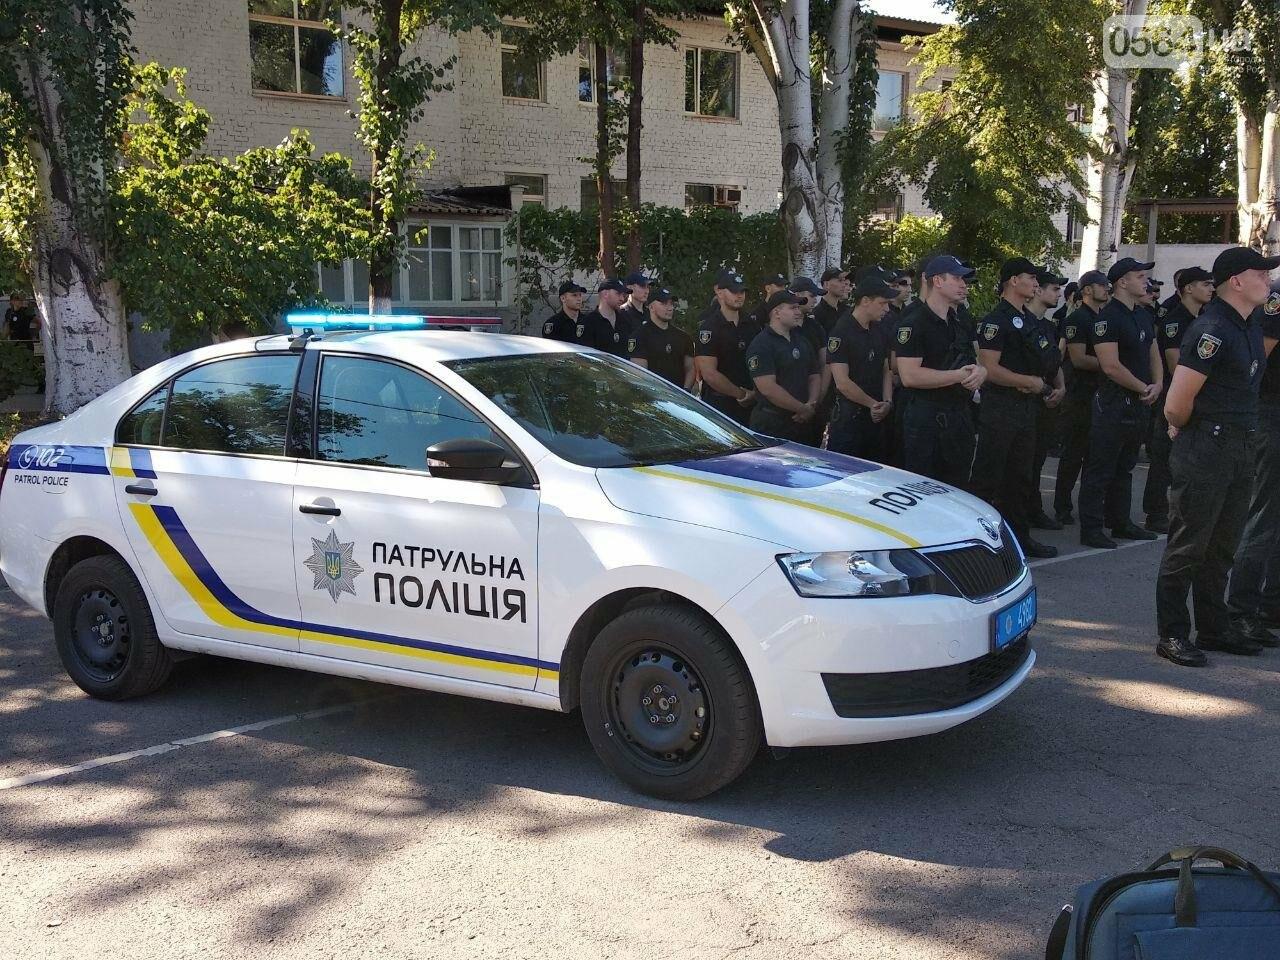 В Кривом Роге наградили патрульных за добросовестное выполнение служебных обязанностей, - ФОТО, фото-6